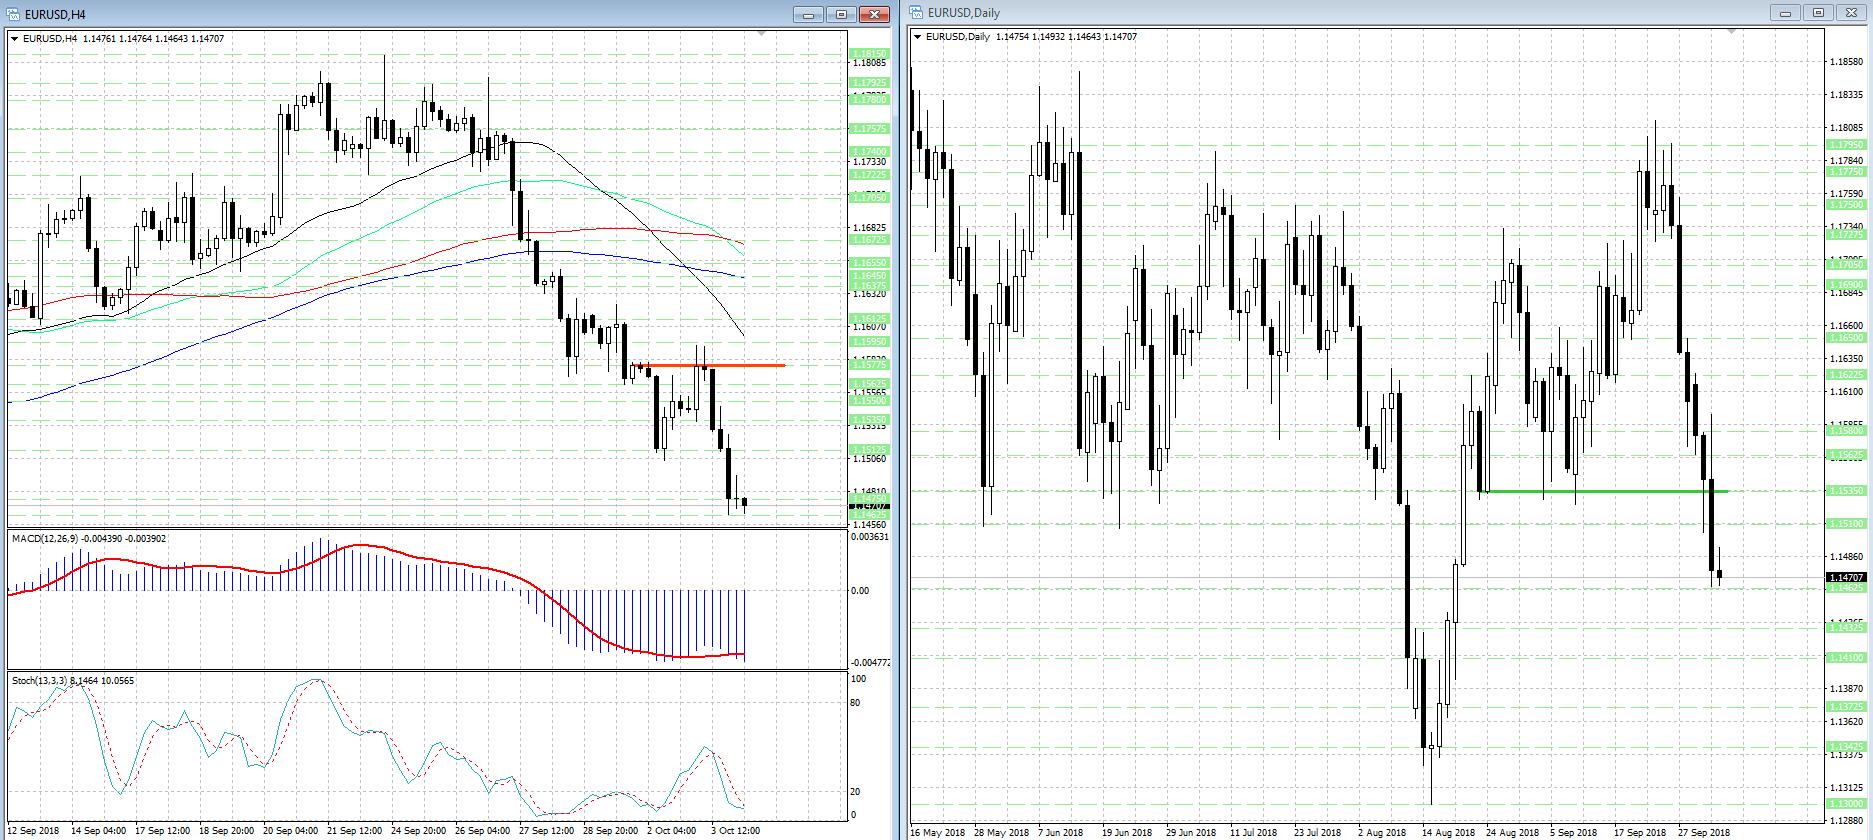 Потенциал снижения EUR/USD еще не исчерпан, но и вероятность коррекции высока...